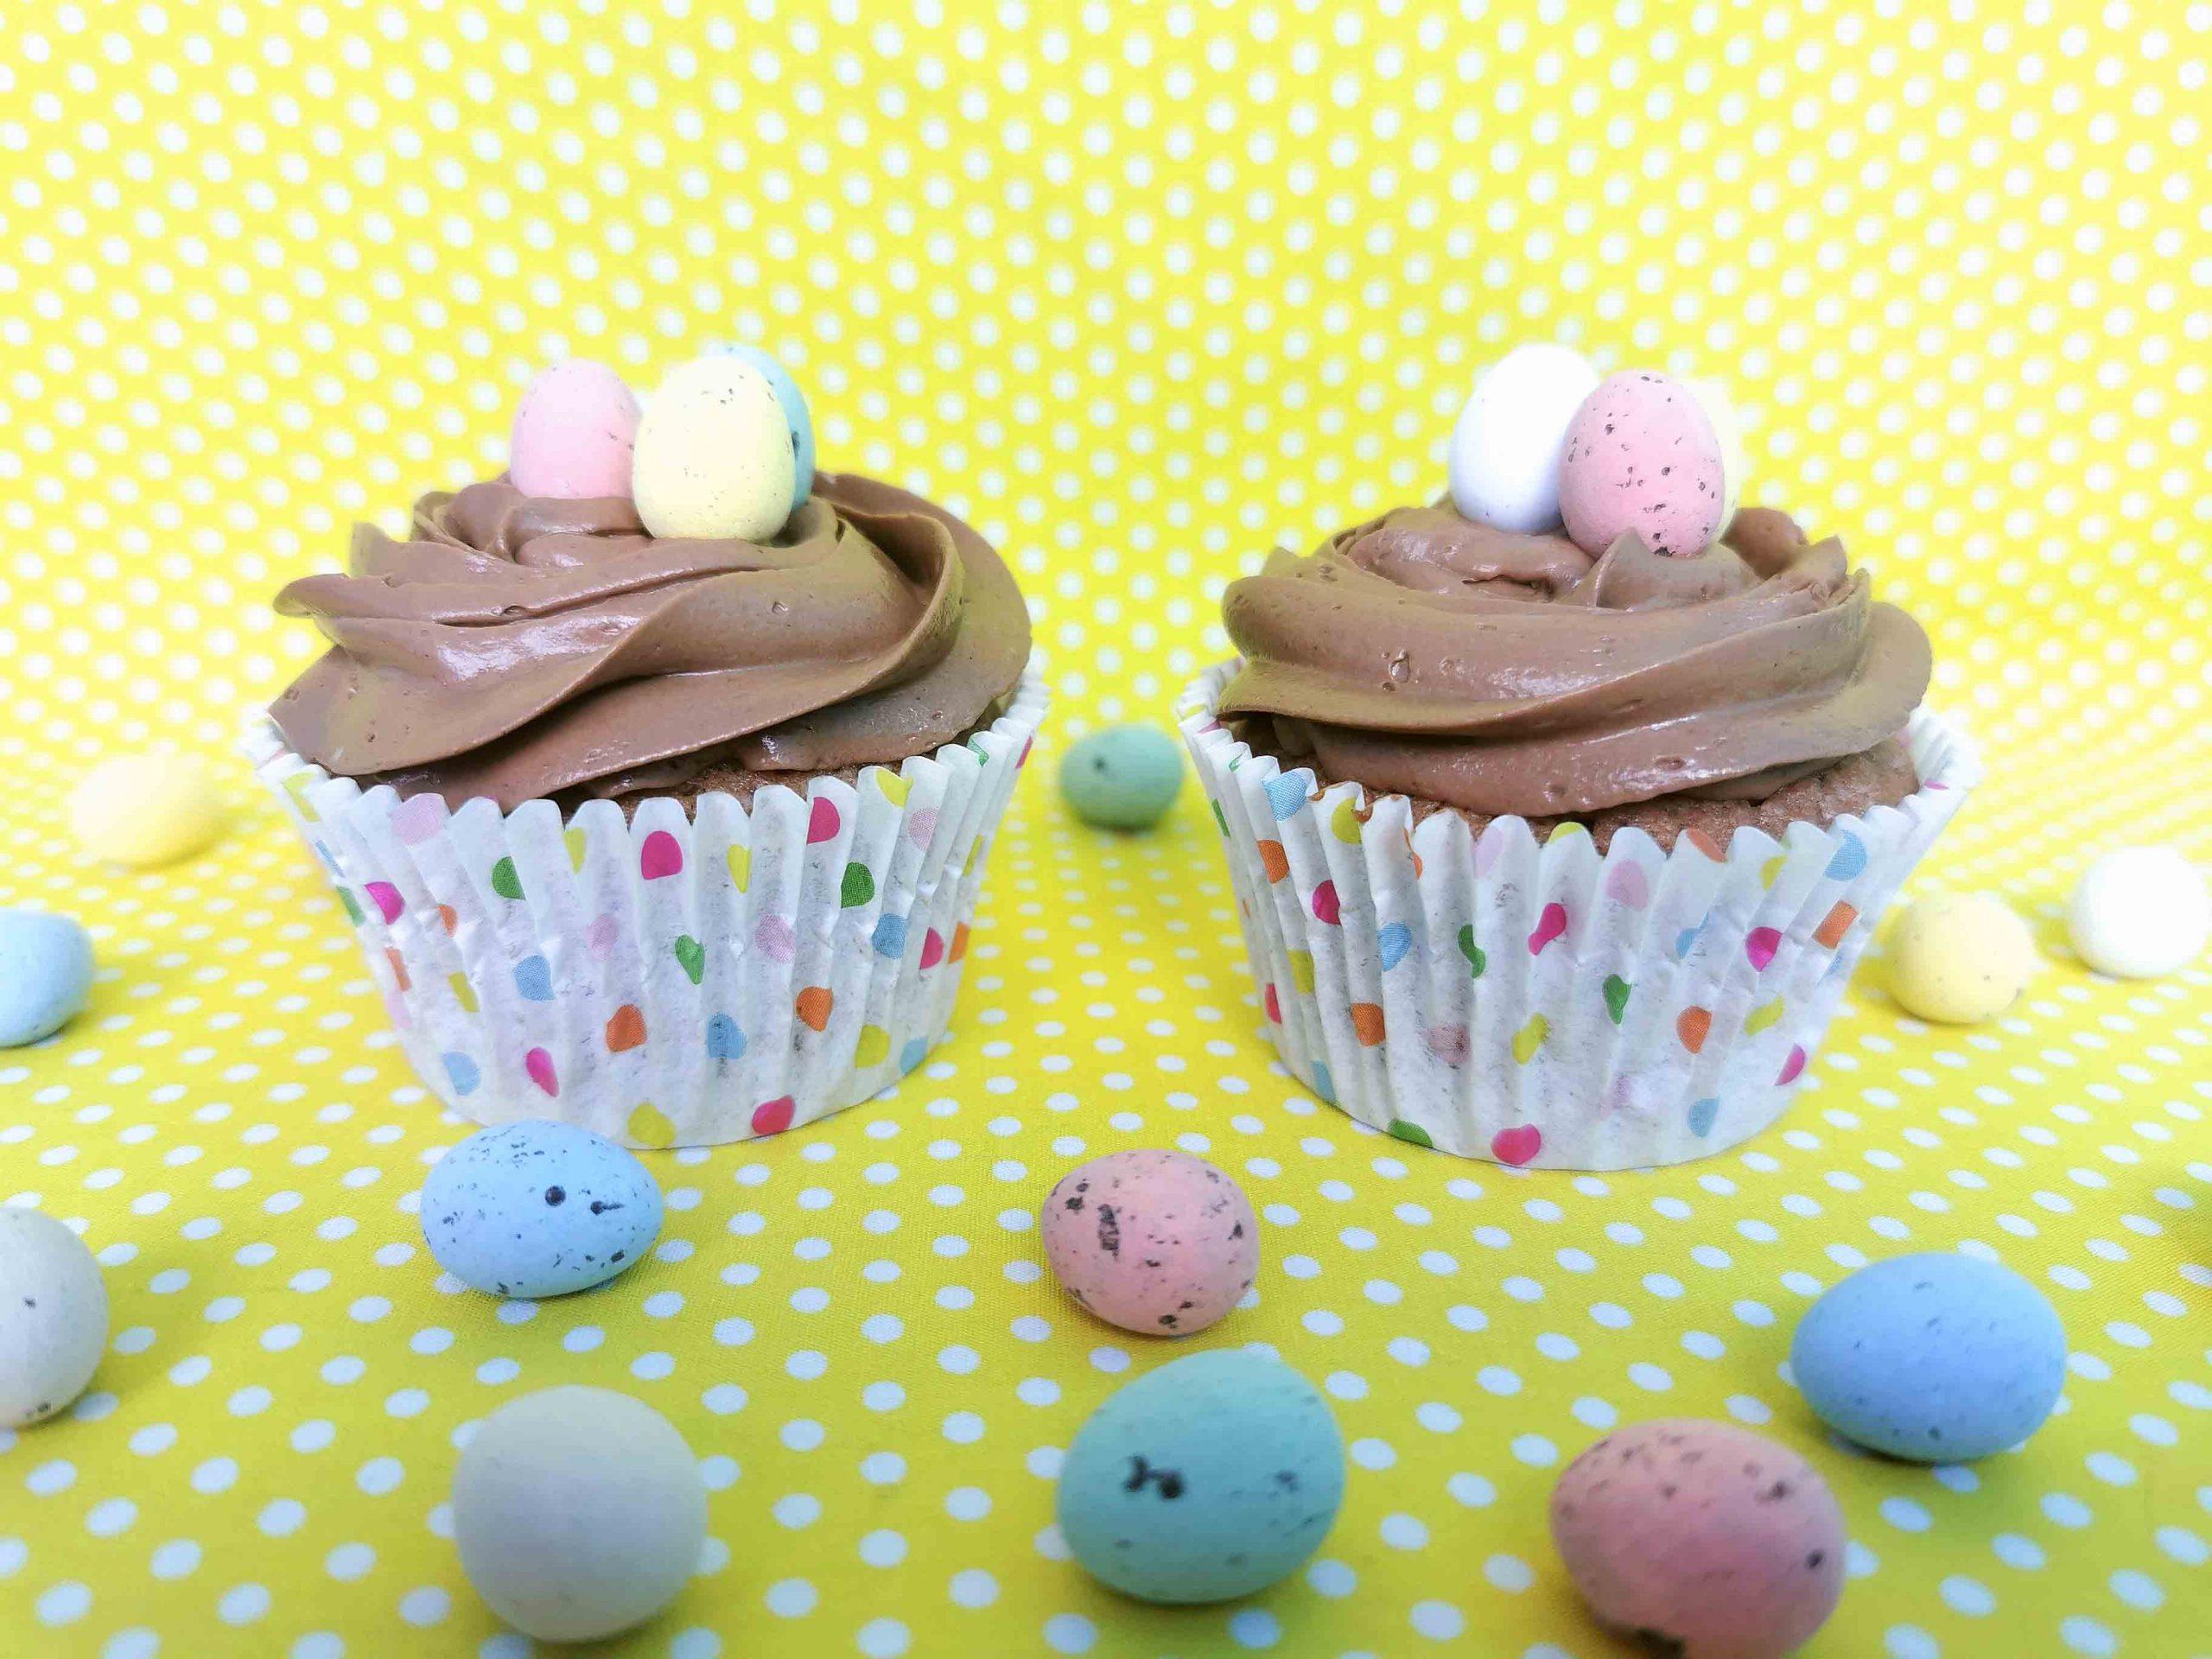 paascupcakes met paaseitjes in een nestje